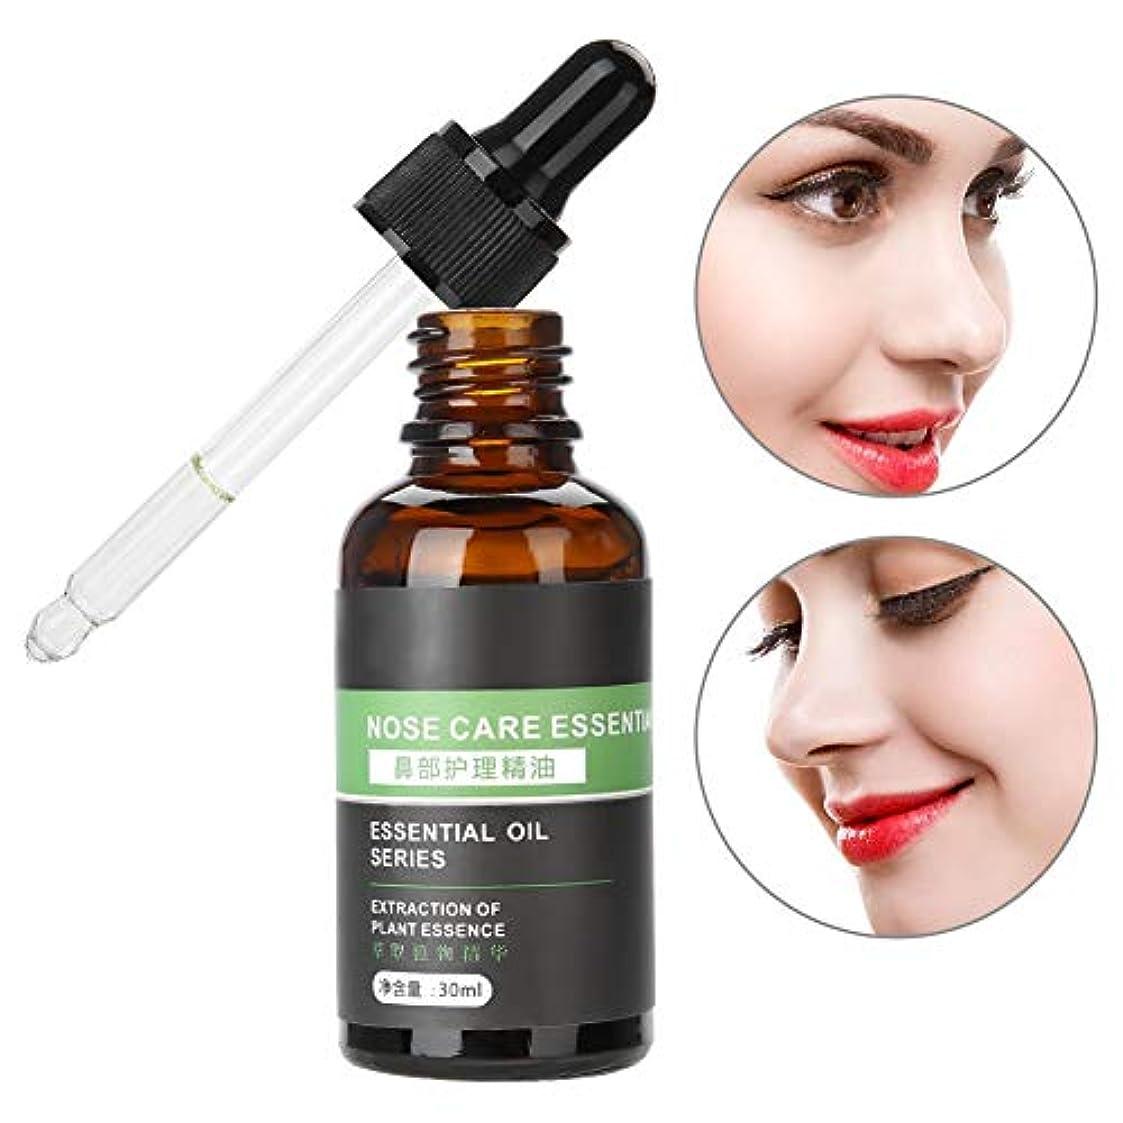 処方する無意識大人ノーズアップリフティングシェイピングエッセンスオイル、プロの鼻修理リフトアップ鼻形成鼻骨リモデリング血清30ミリリットル